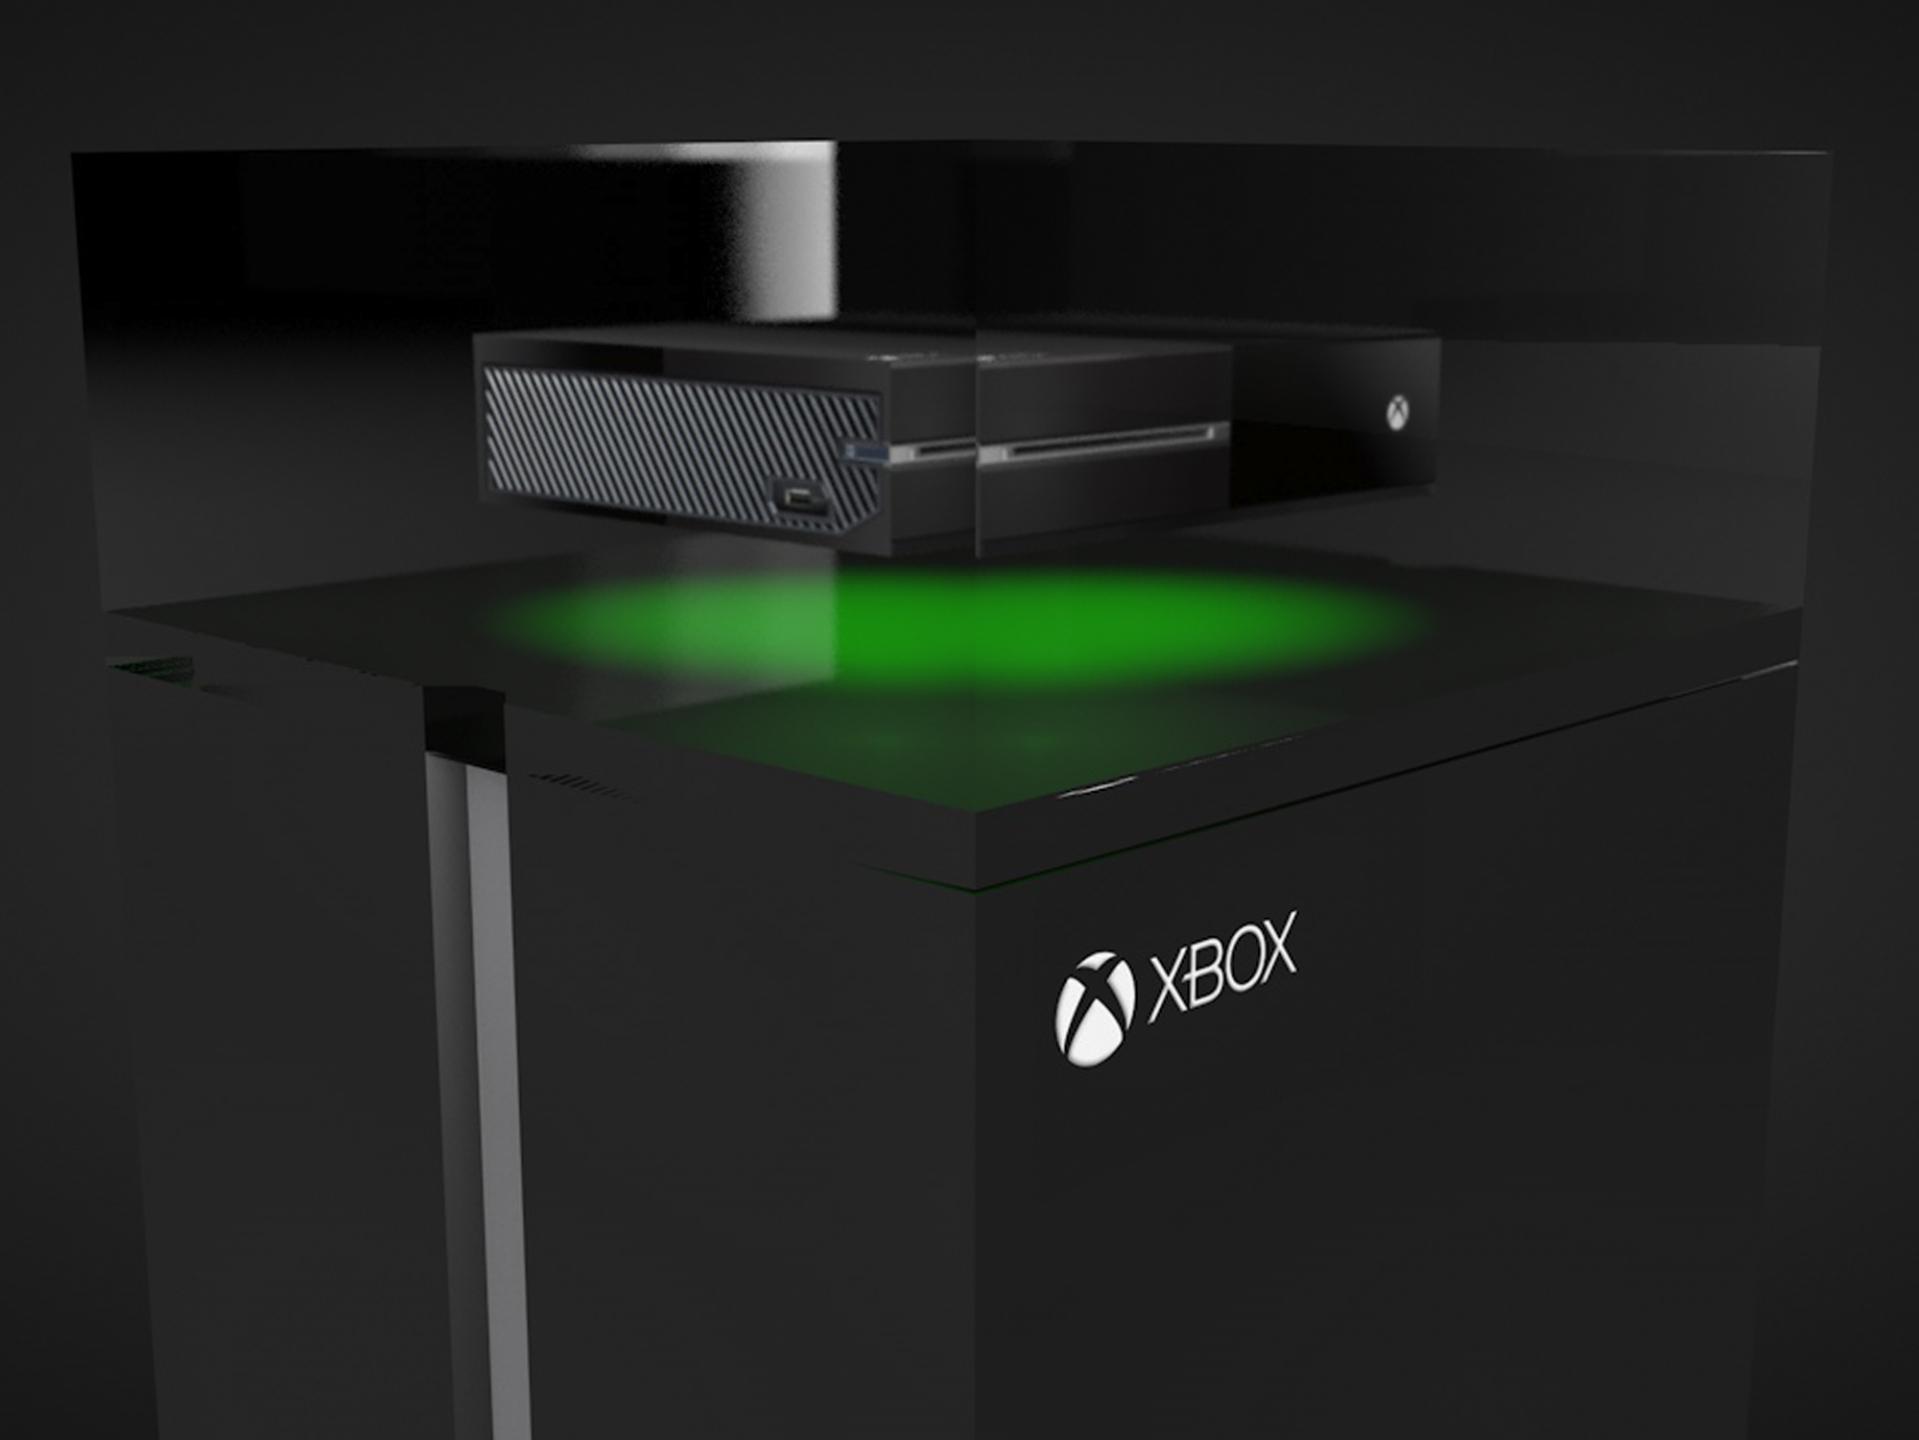 Xbox-img-009